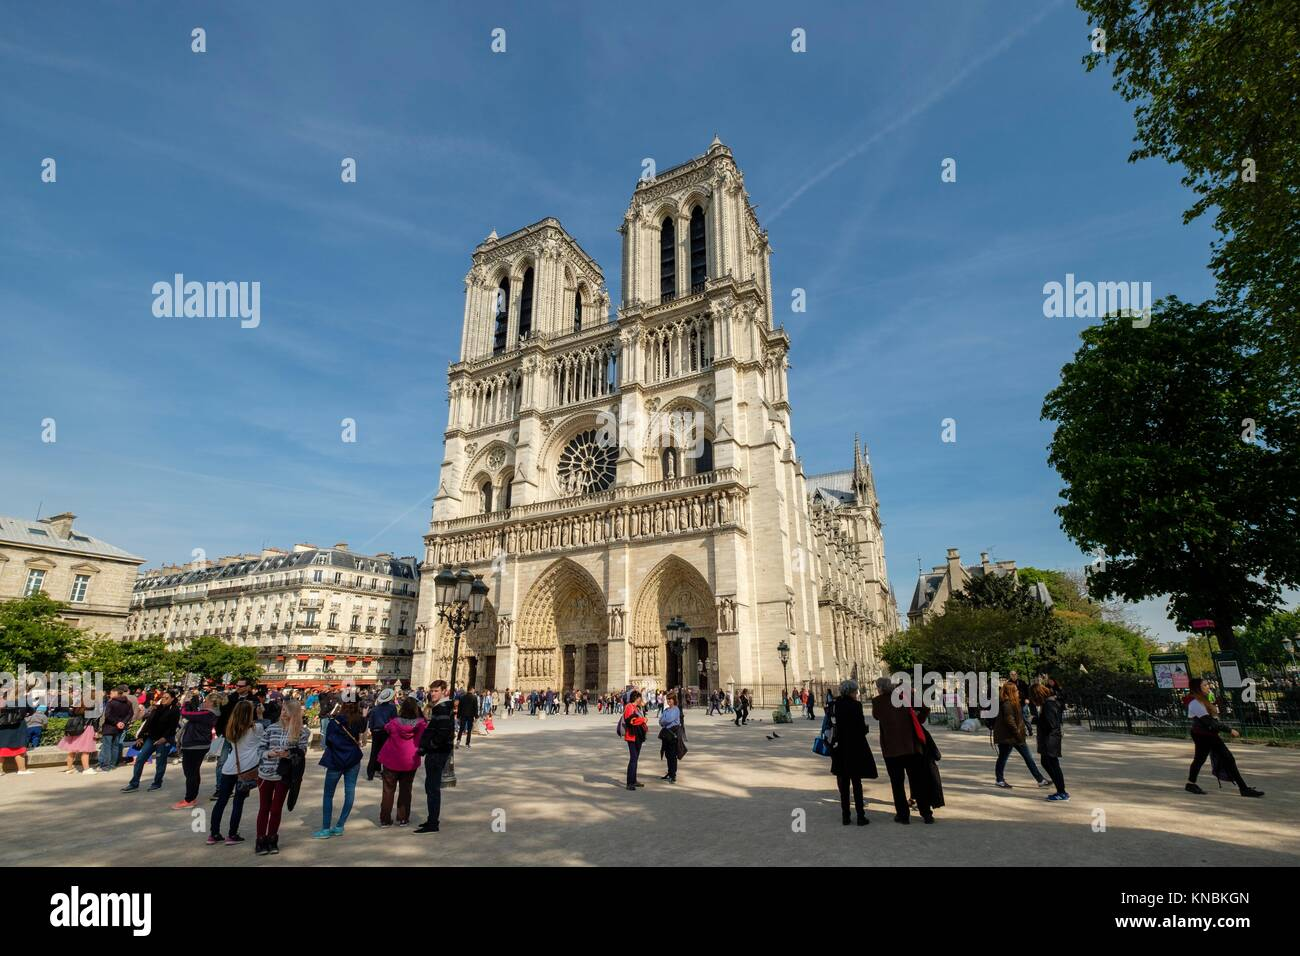 Façade de l'ouest, la cathédrale de Notre Dame, Paris, France Photo Stock